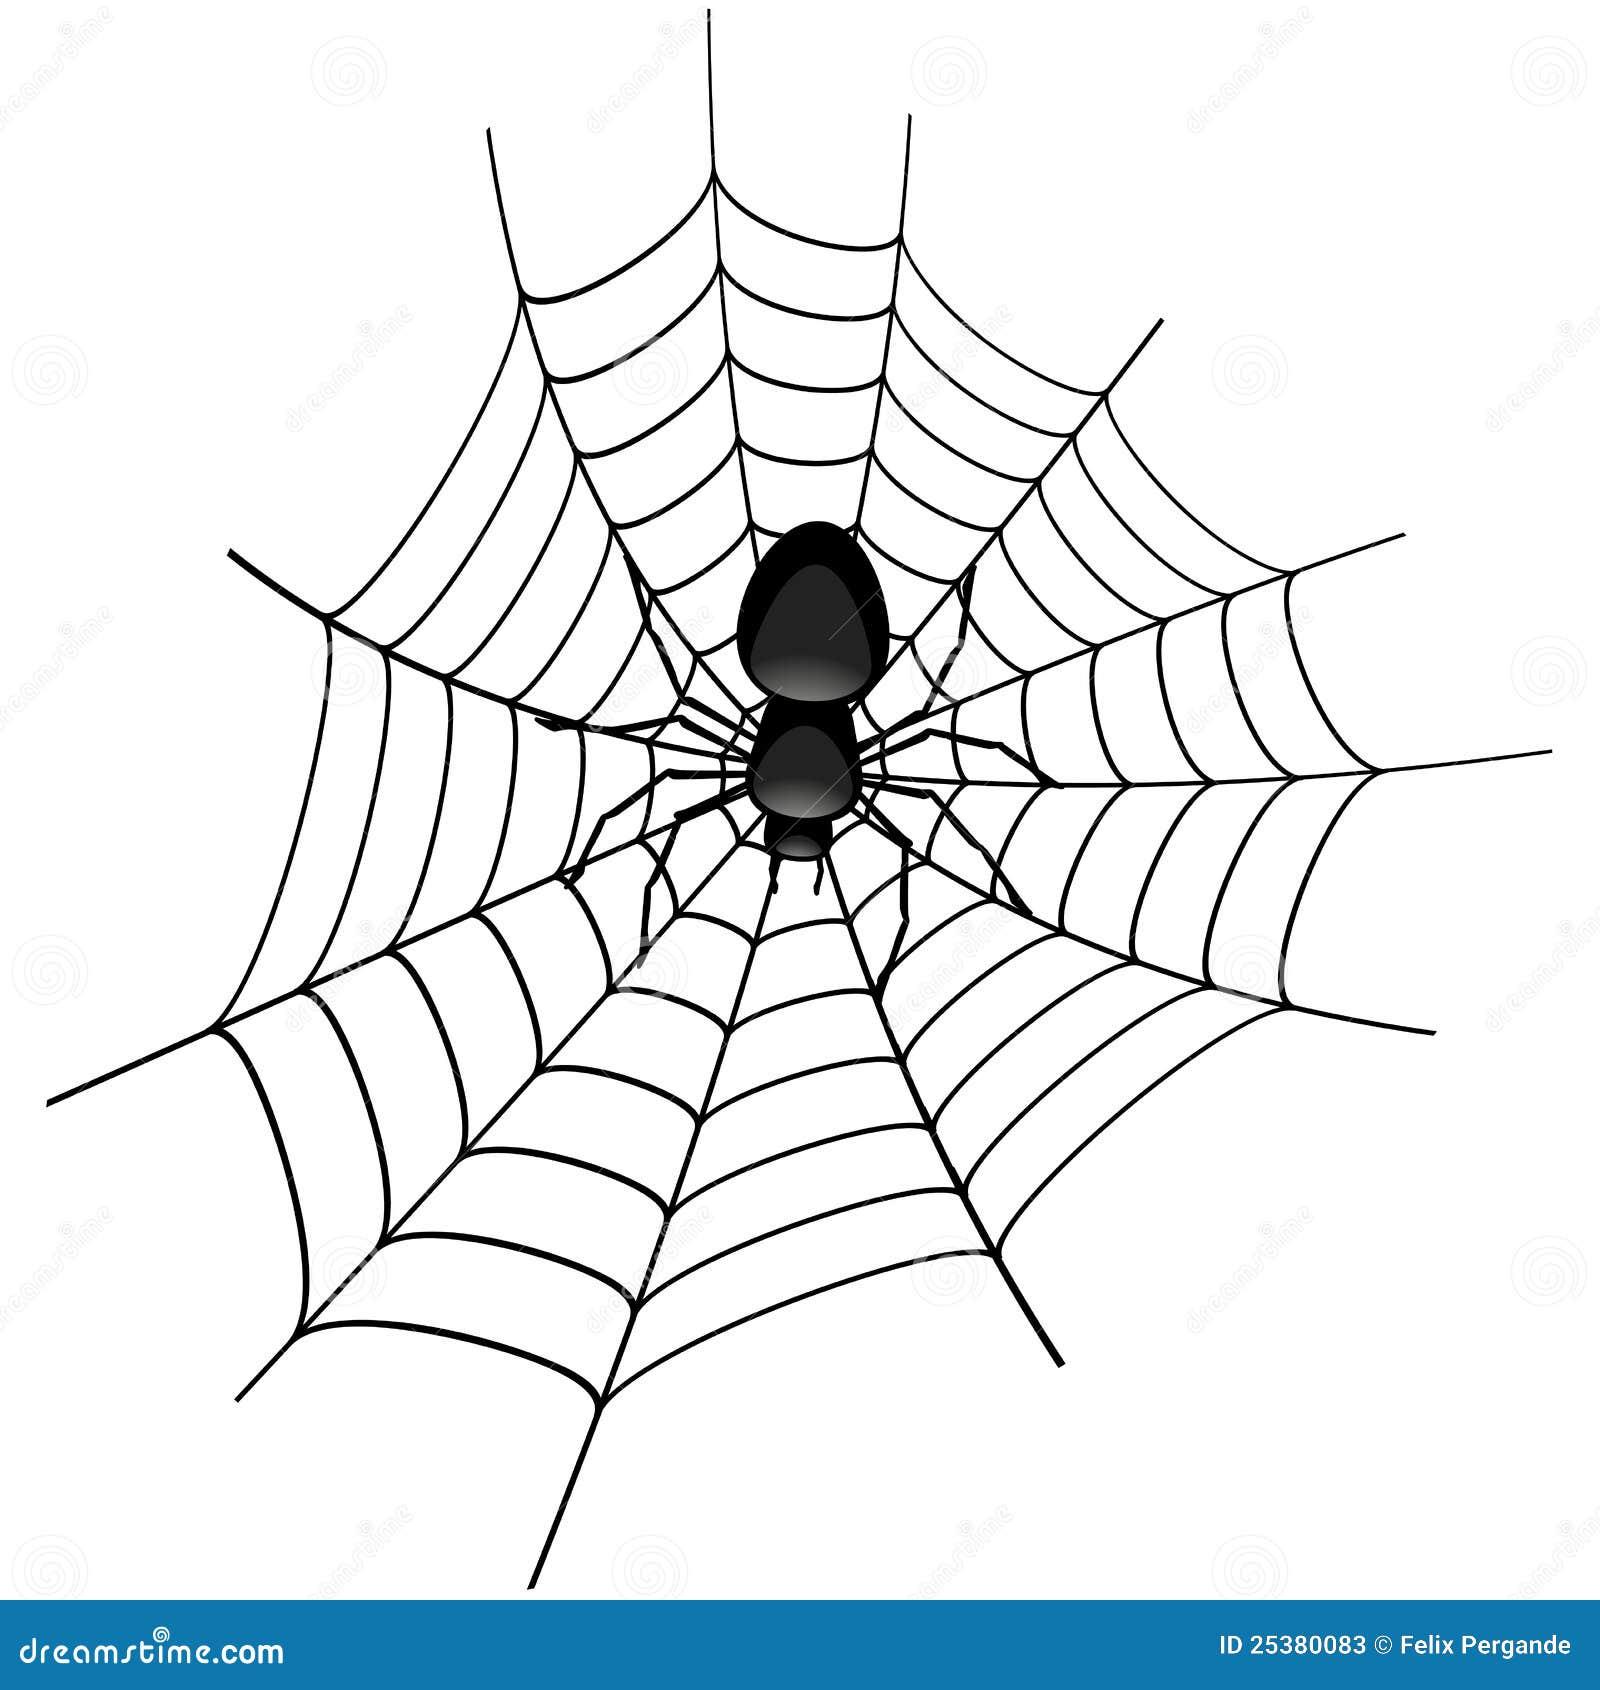 spinne in einem spinnennetz vektor abbildung